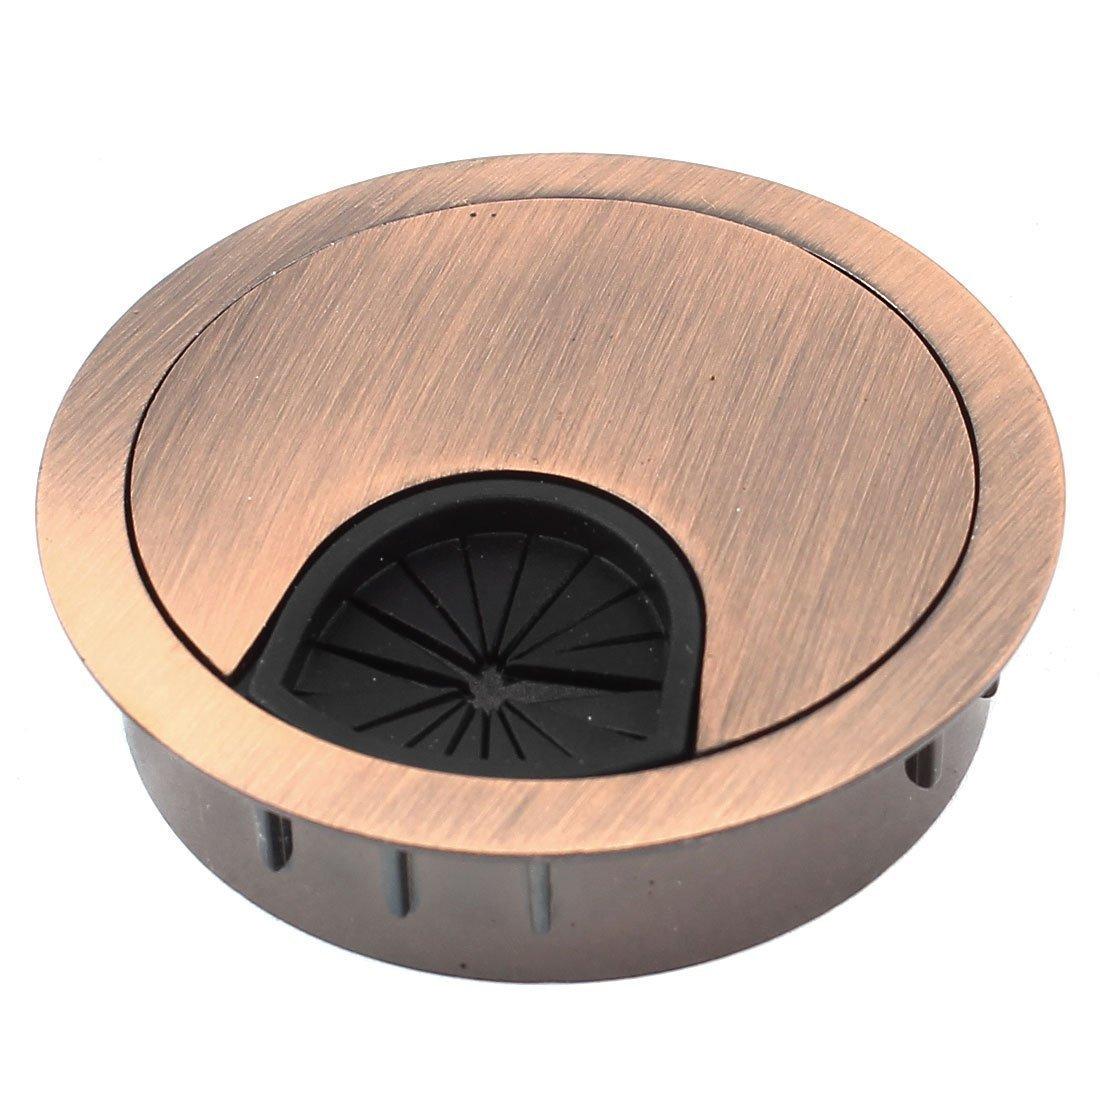 Home Mart Desk Grommet computer desk Cable outlet hole cover Copper 5 cm diameter